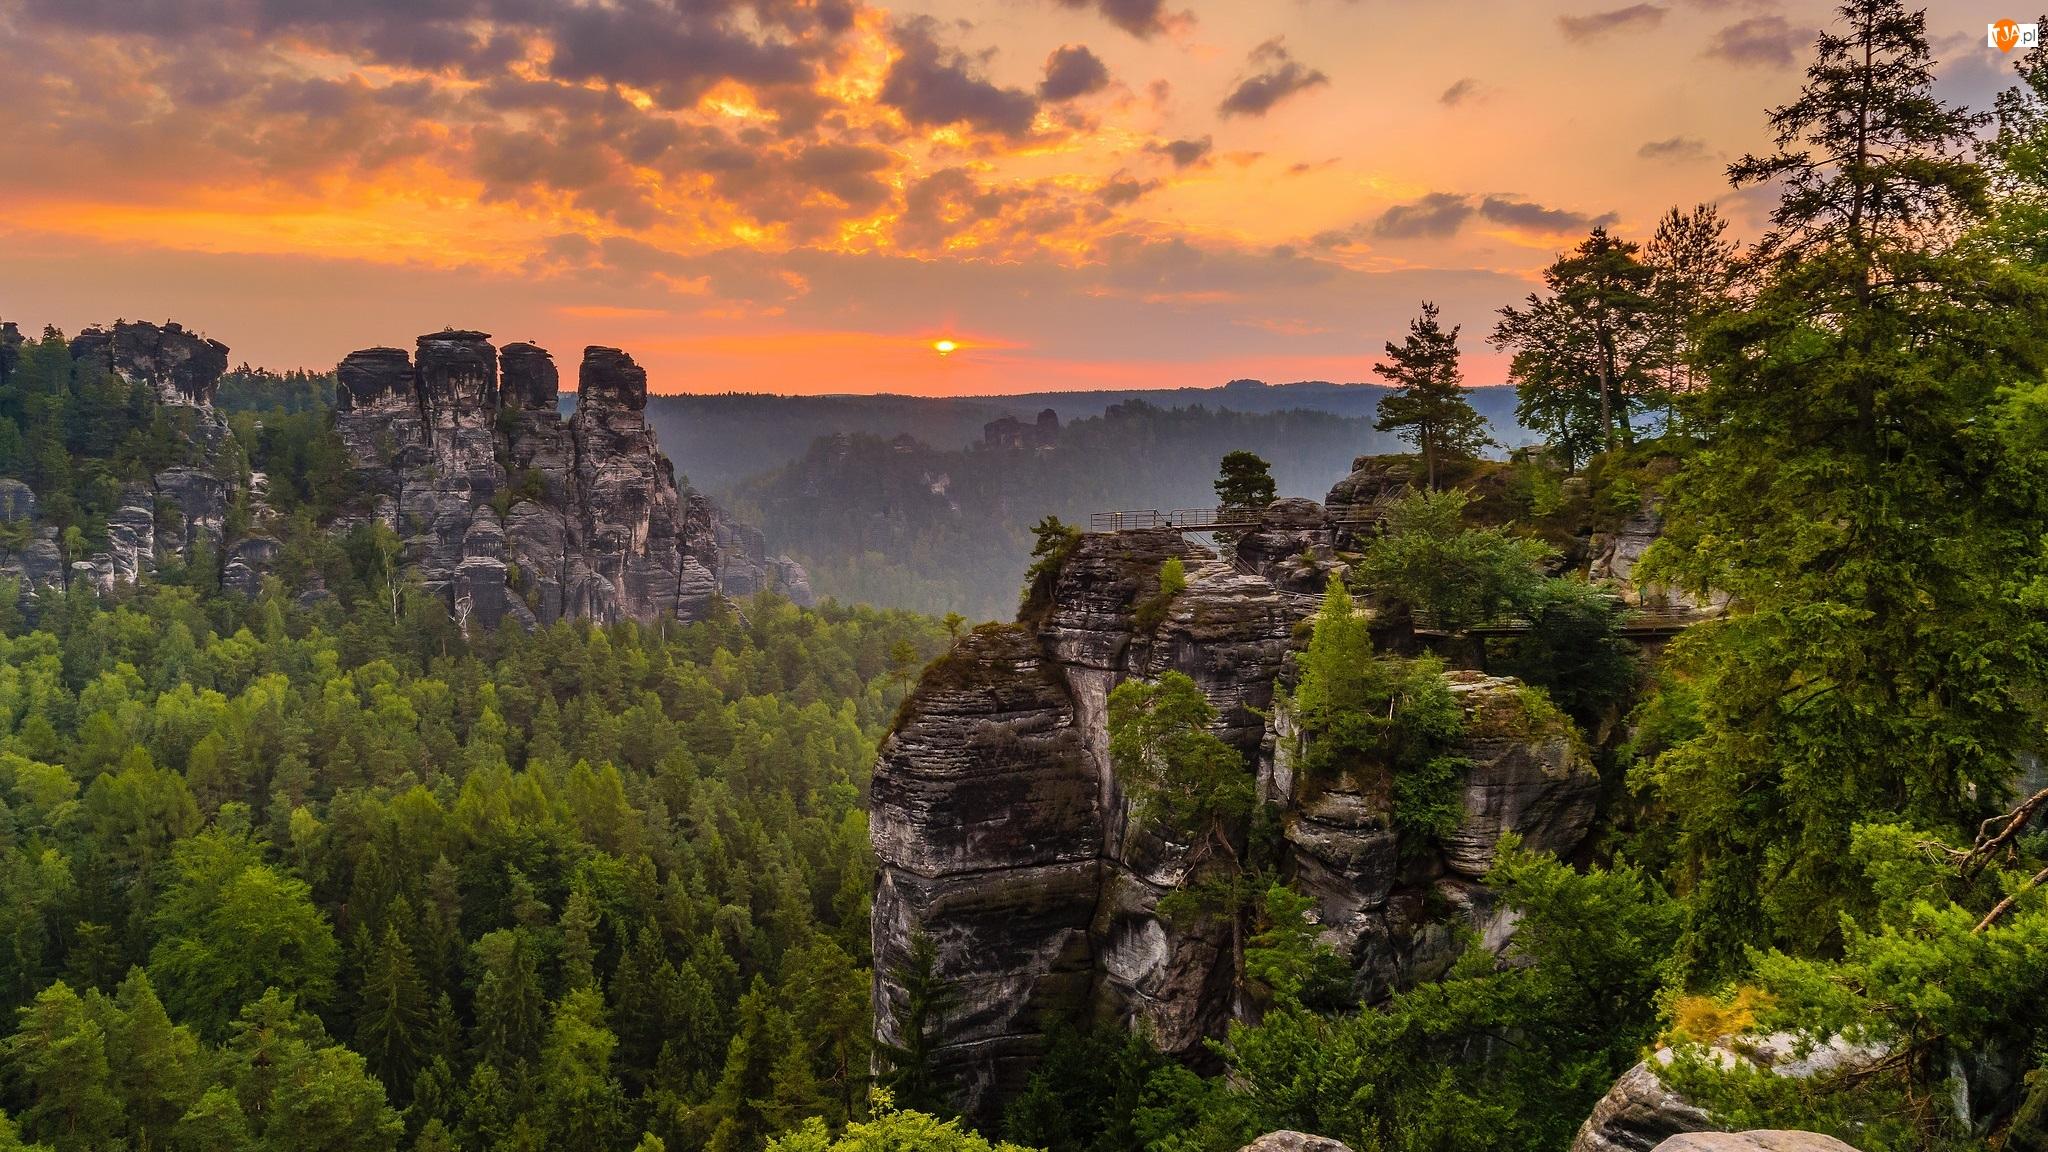 Góry Połabskie, Skały, Zachód słońca, Niemcy, Drzewa, Park Narodowy Saskiej Szwajcarii